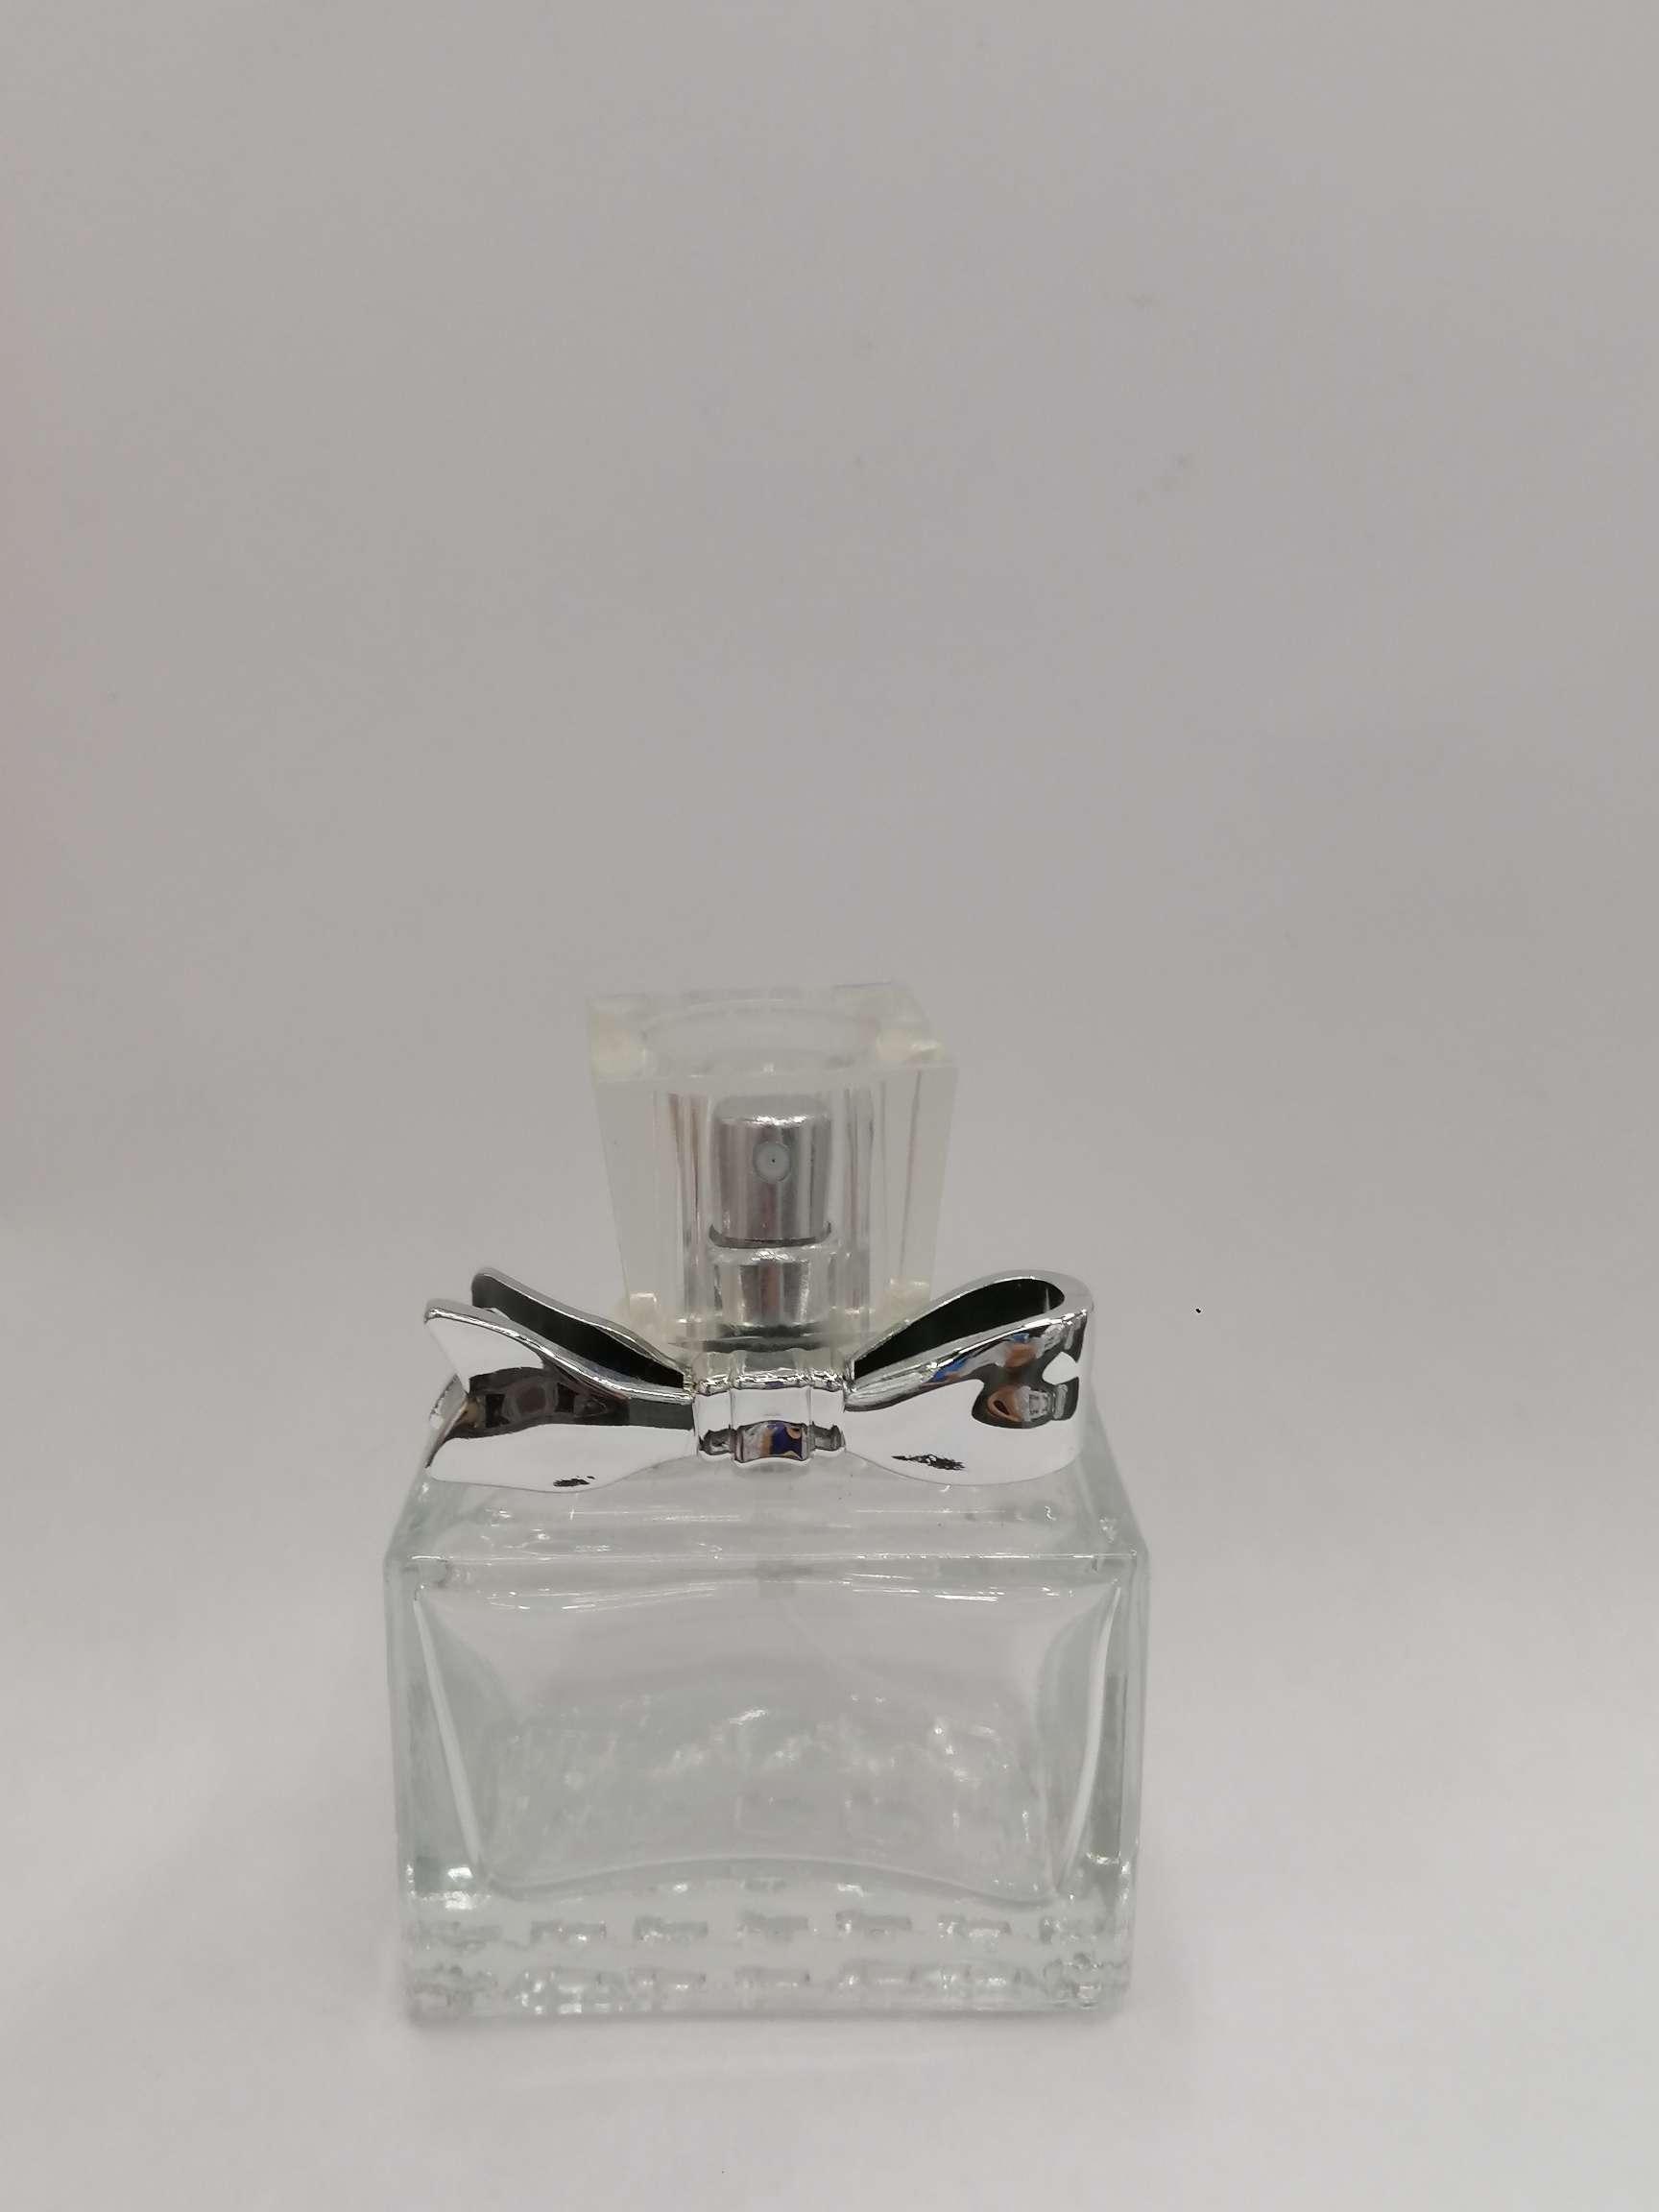 香水瓶 蝴蝶结 透明玻璃